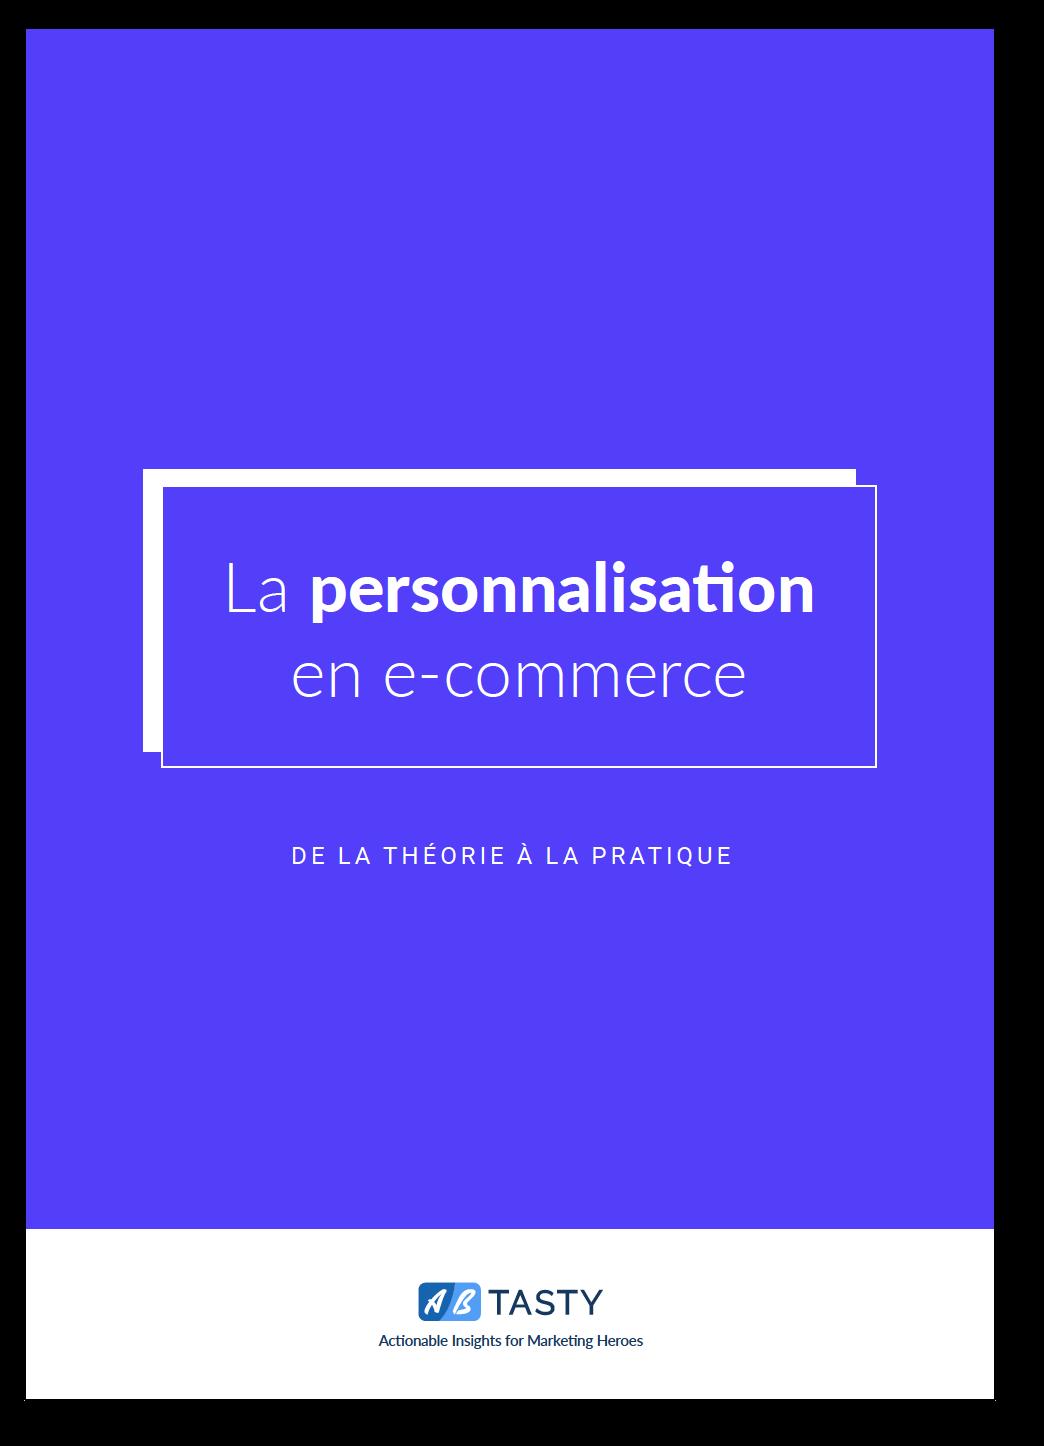 Ebook sur la personnalisation en e-commerce